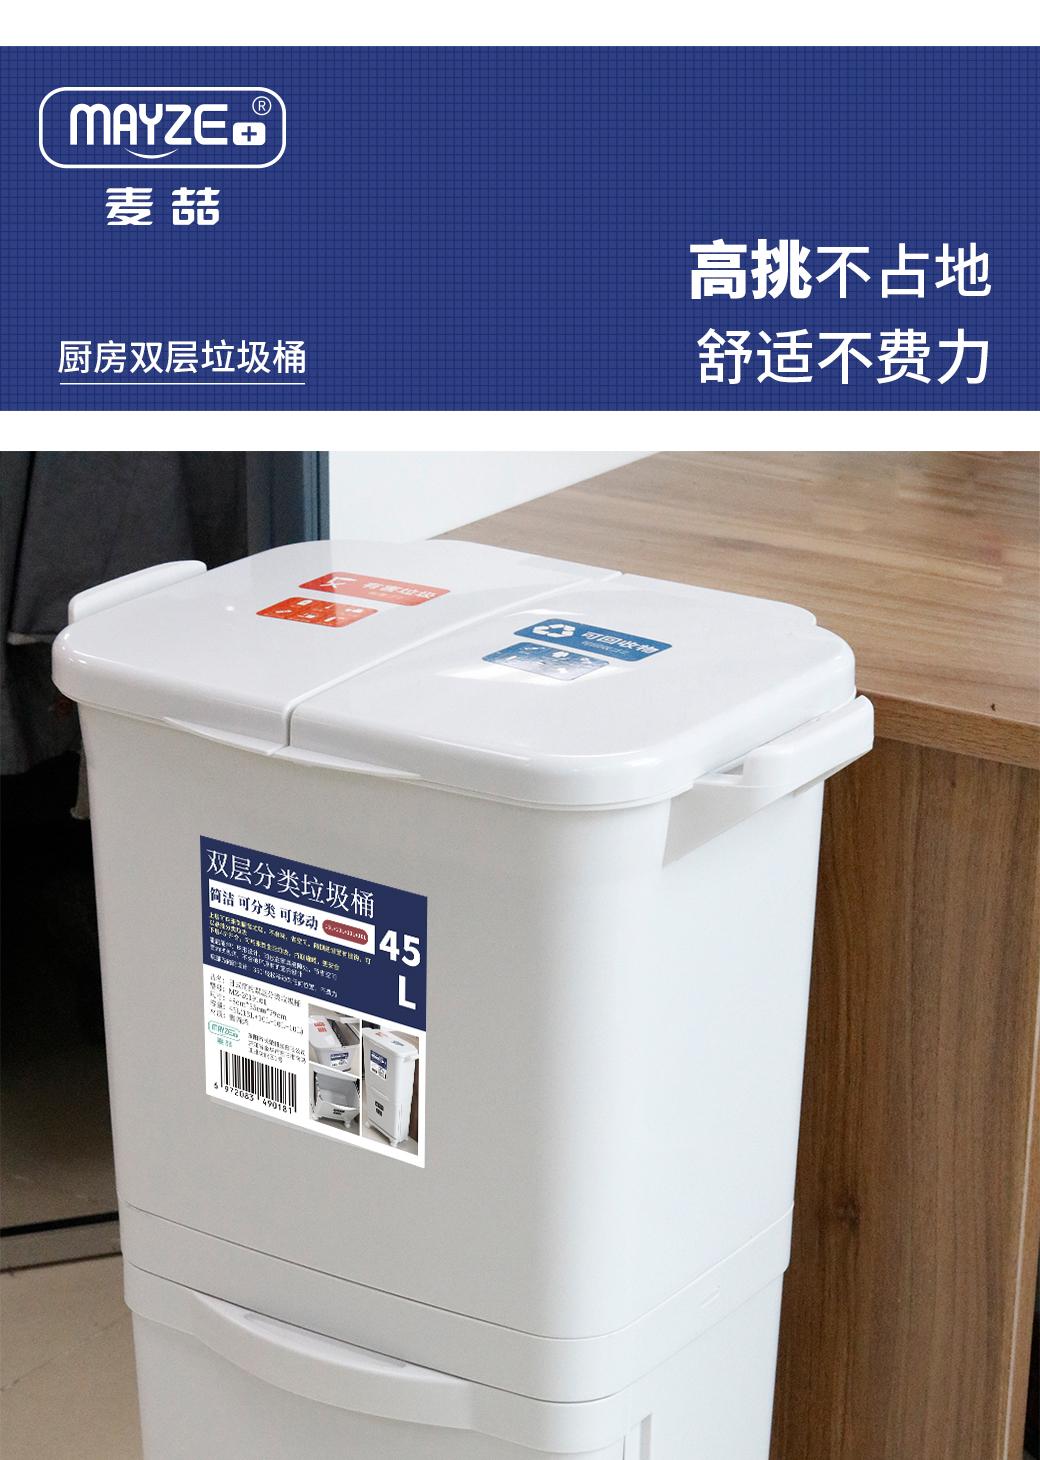 日式简约双层分类垃圾桶(图1)